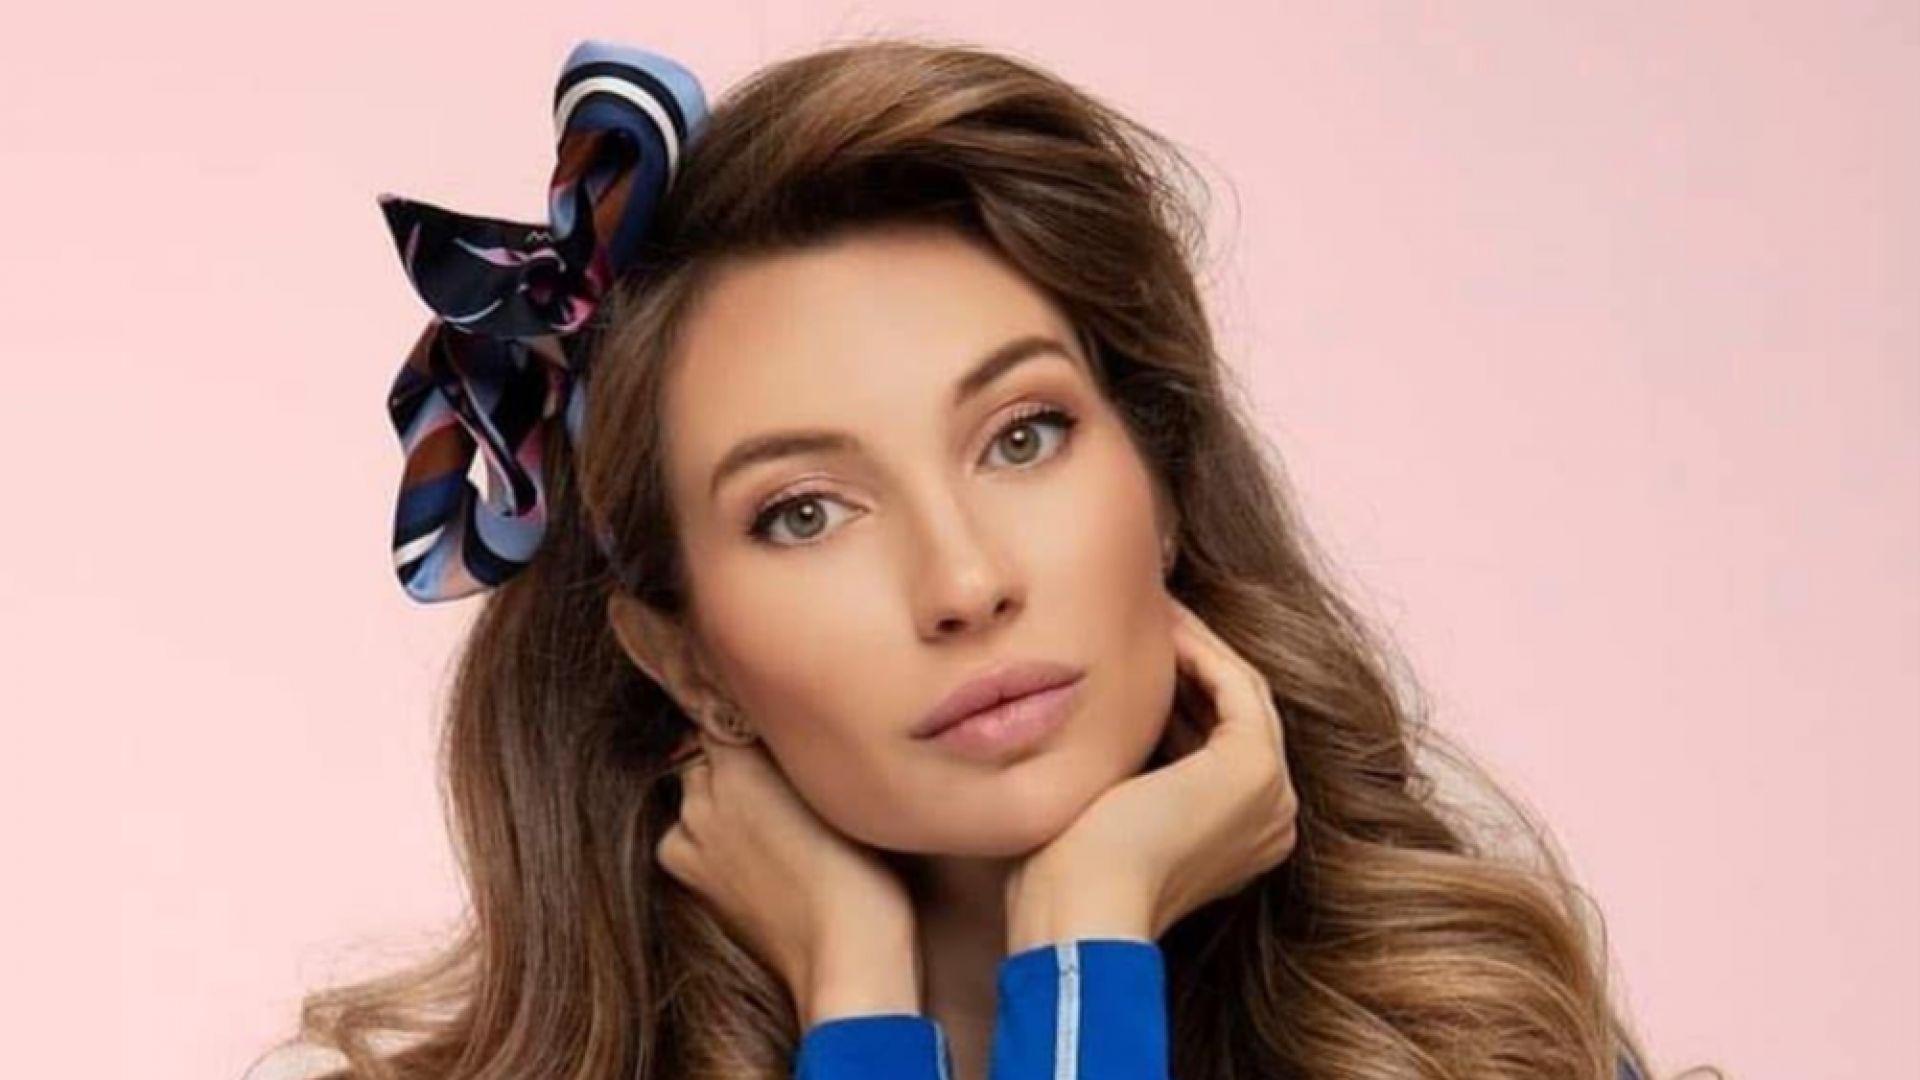 """Никол Станкулова украси корицата на списание със снимка """"бонбон"""""""